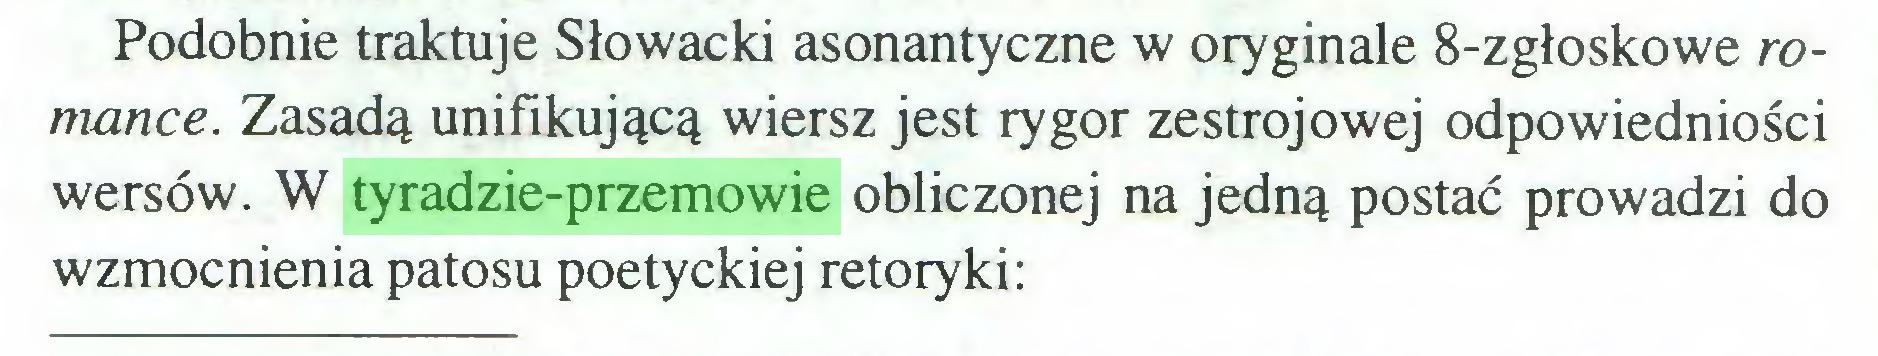 (...) Podobnie traktuje Słowacki asonantyczne w oryginale 8-zgłoskowe romance. Zasadą unifikującą wiersz jest rygor zestrojowej odpowiedniości wersów. W tyradzie-przemowie obliczonej na jedną postać prowadzi do wzmocnienia patosu poetyckiej retoryki:...